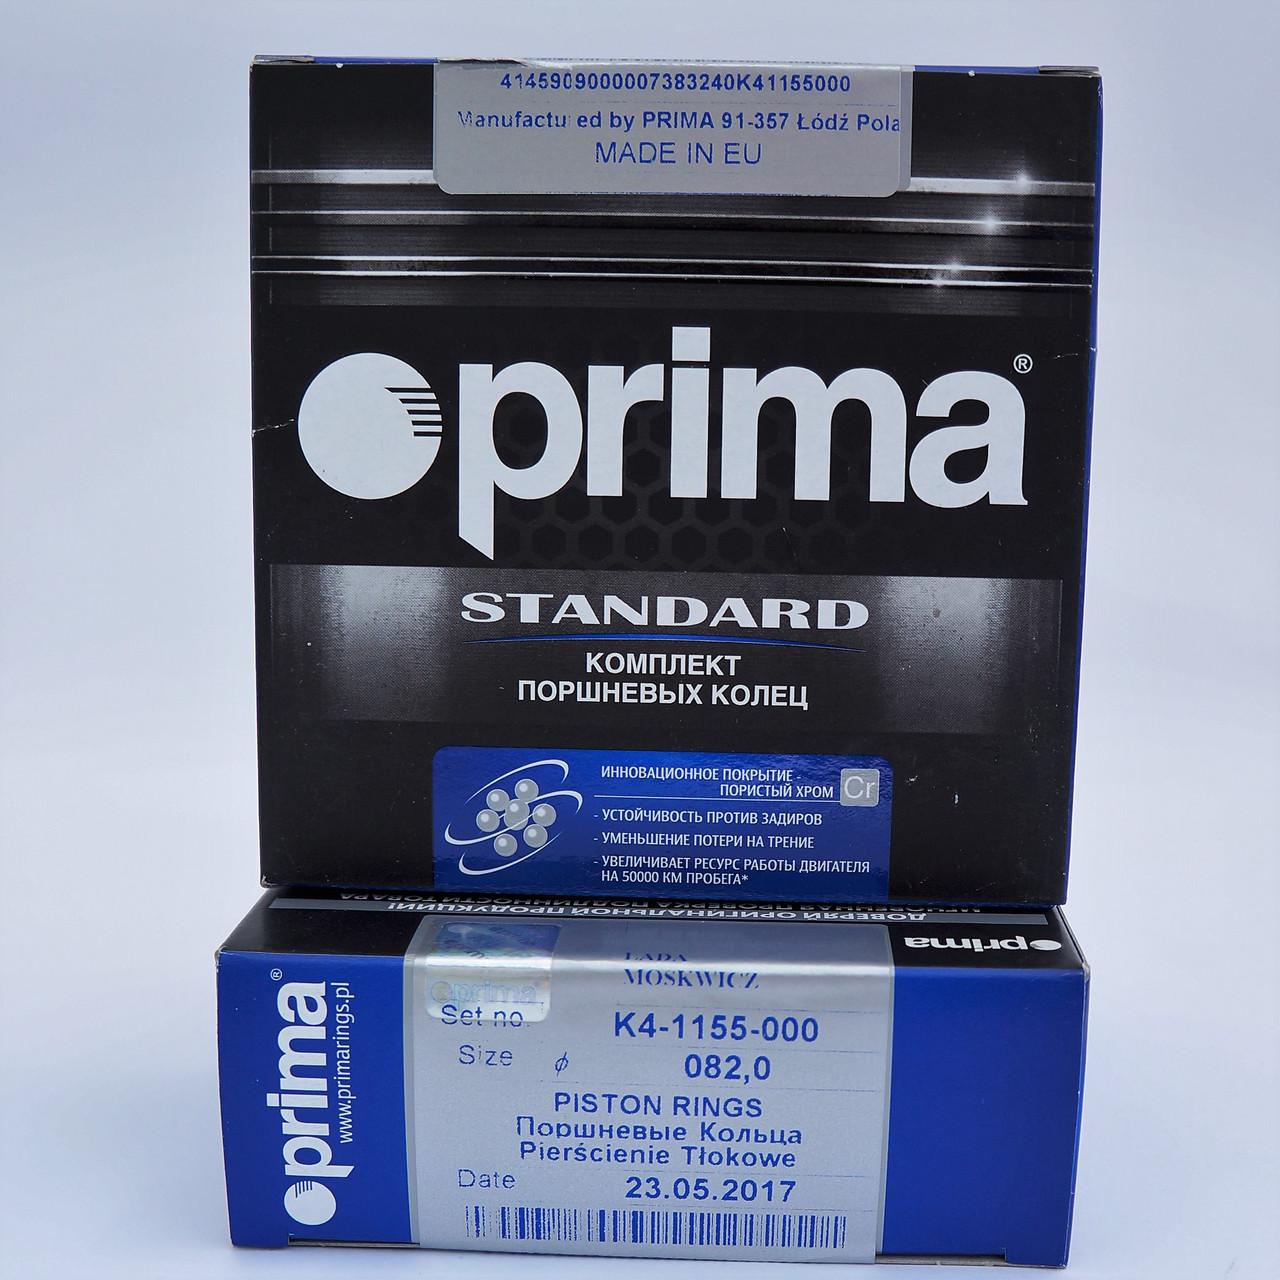 Поршневые кольца 82,0 на ВАЗ  Prima /K4-1155-000 хромированные